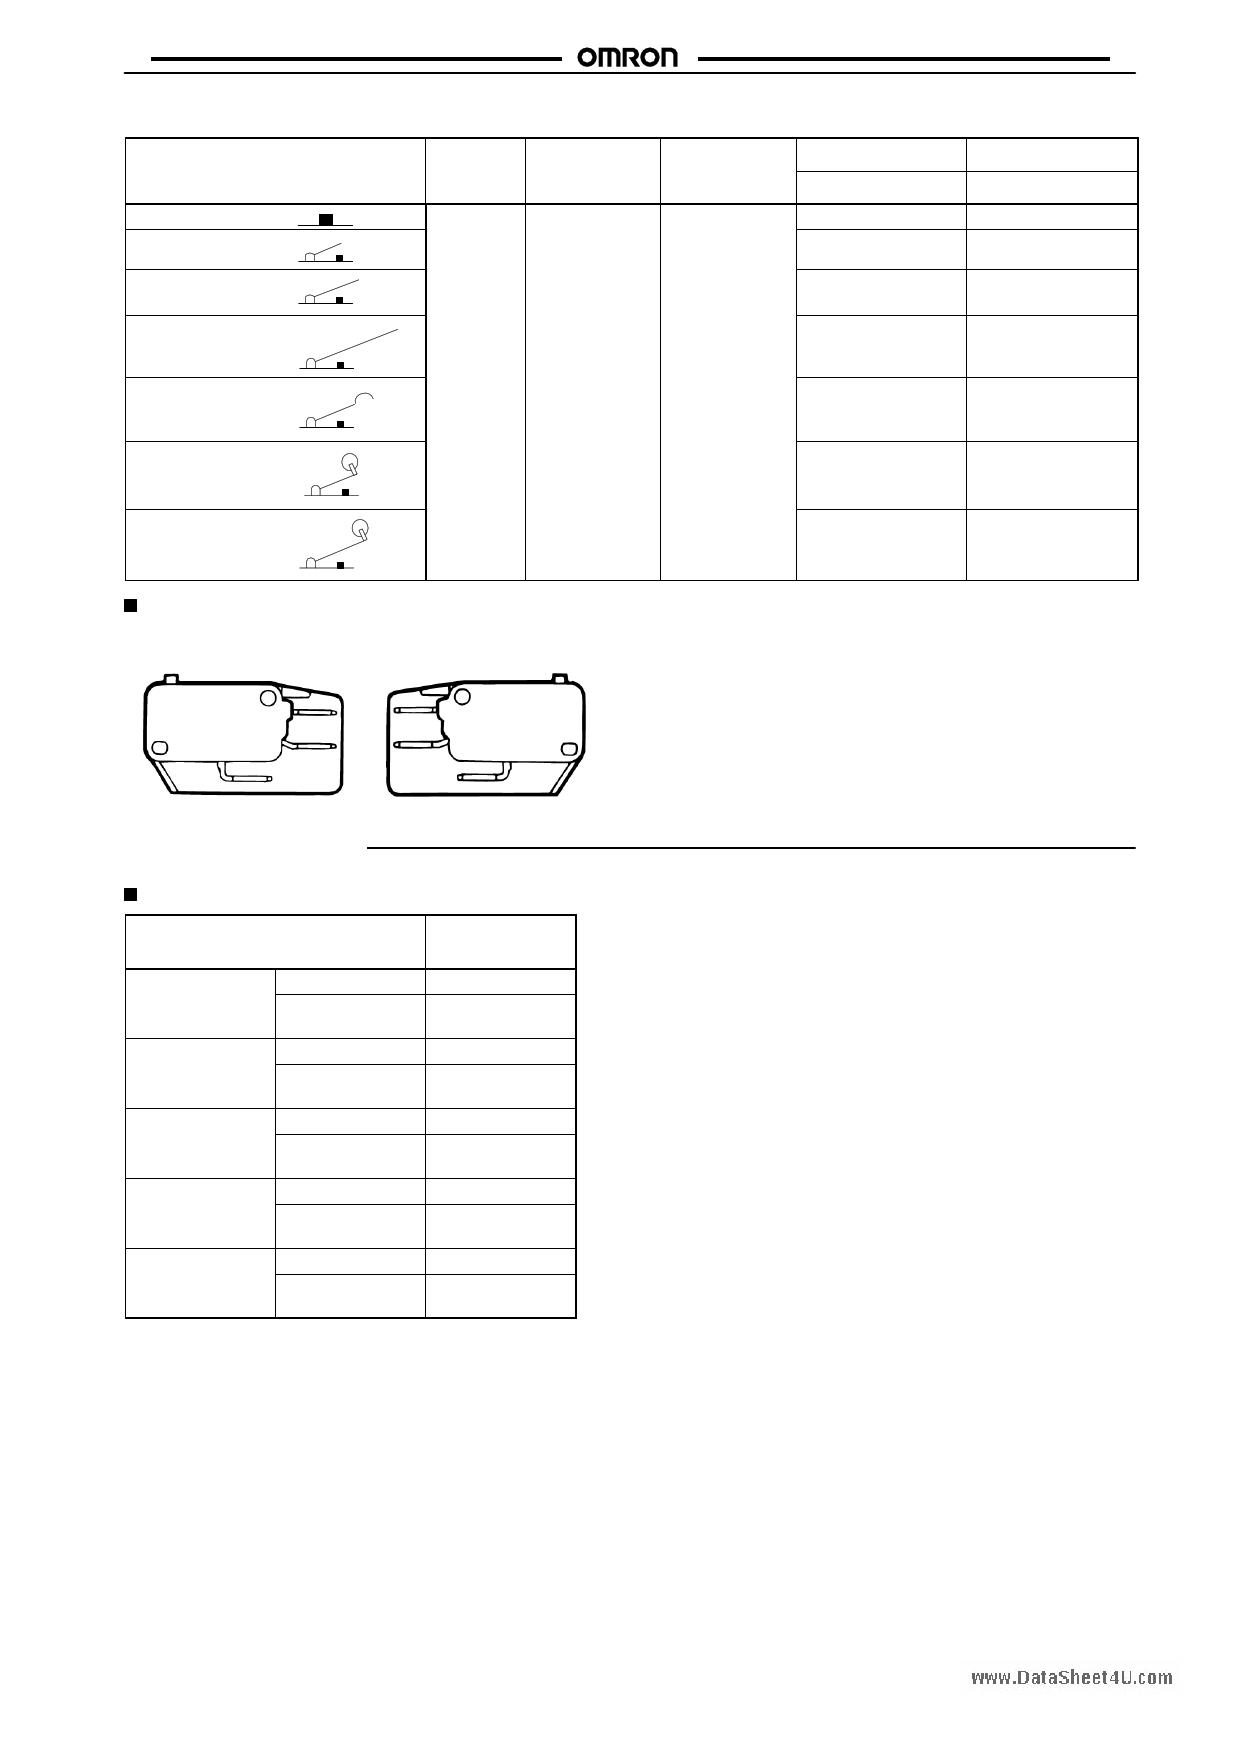 V-166-xxx Datasheet, Funktion